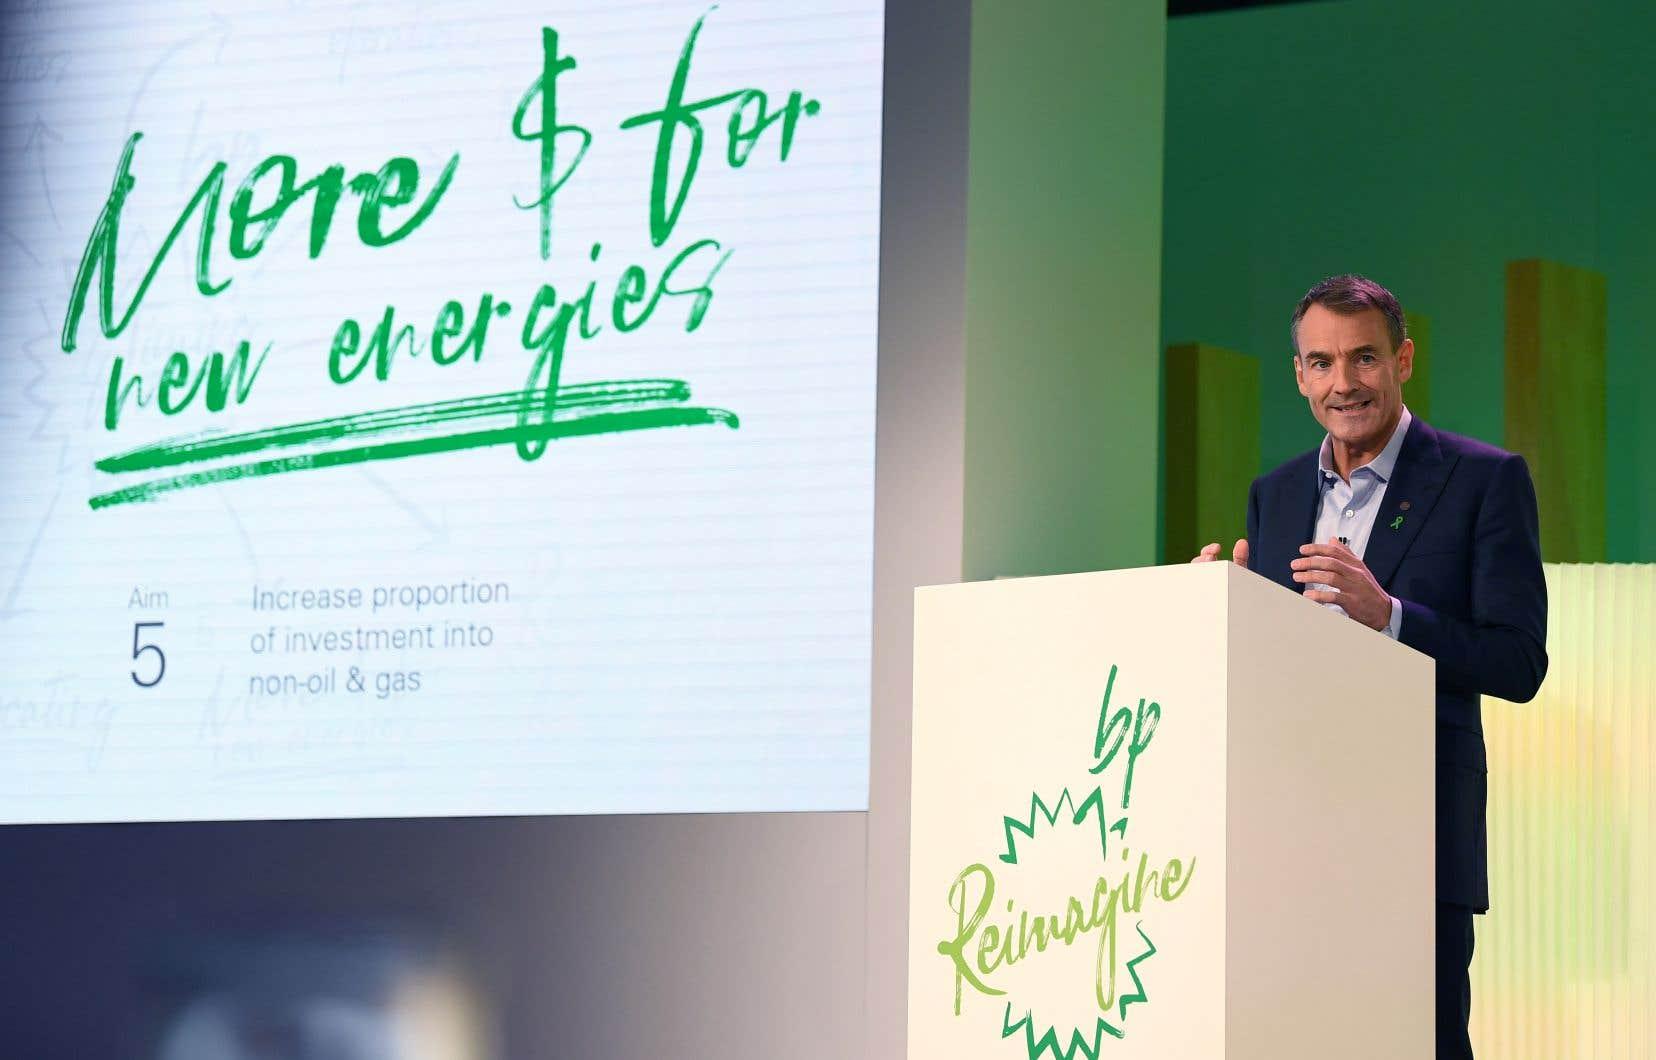 Les objectifs climatiques dévoilés par BP sont parmi les plus ambitieux de l'industrie pétrolière.